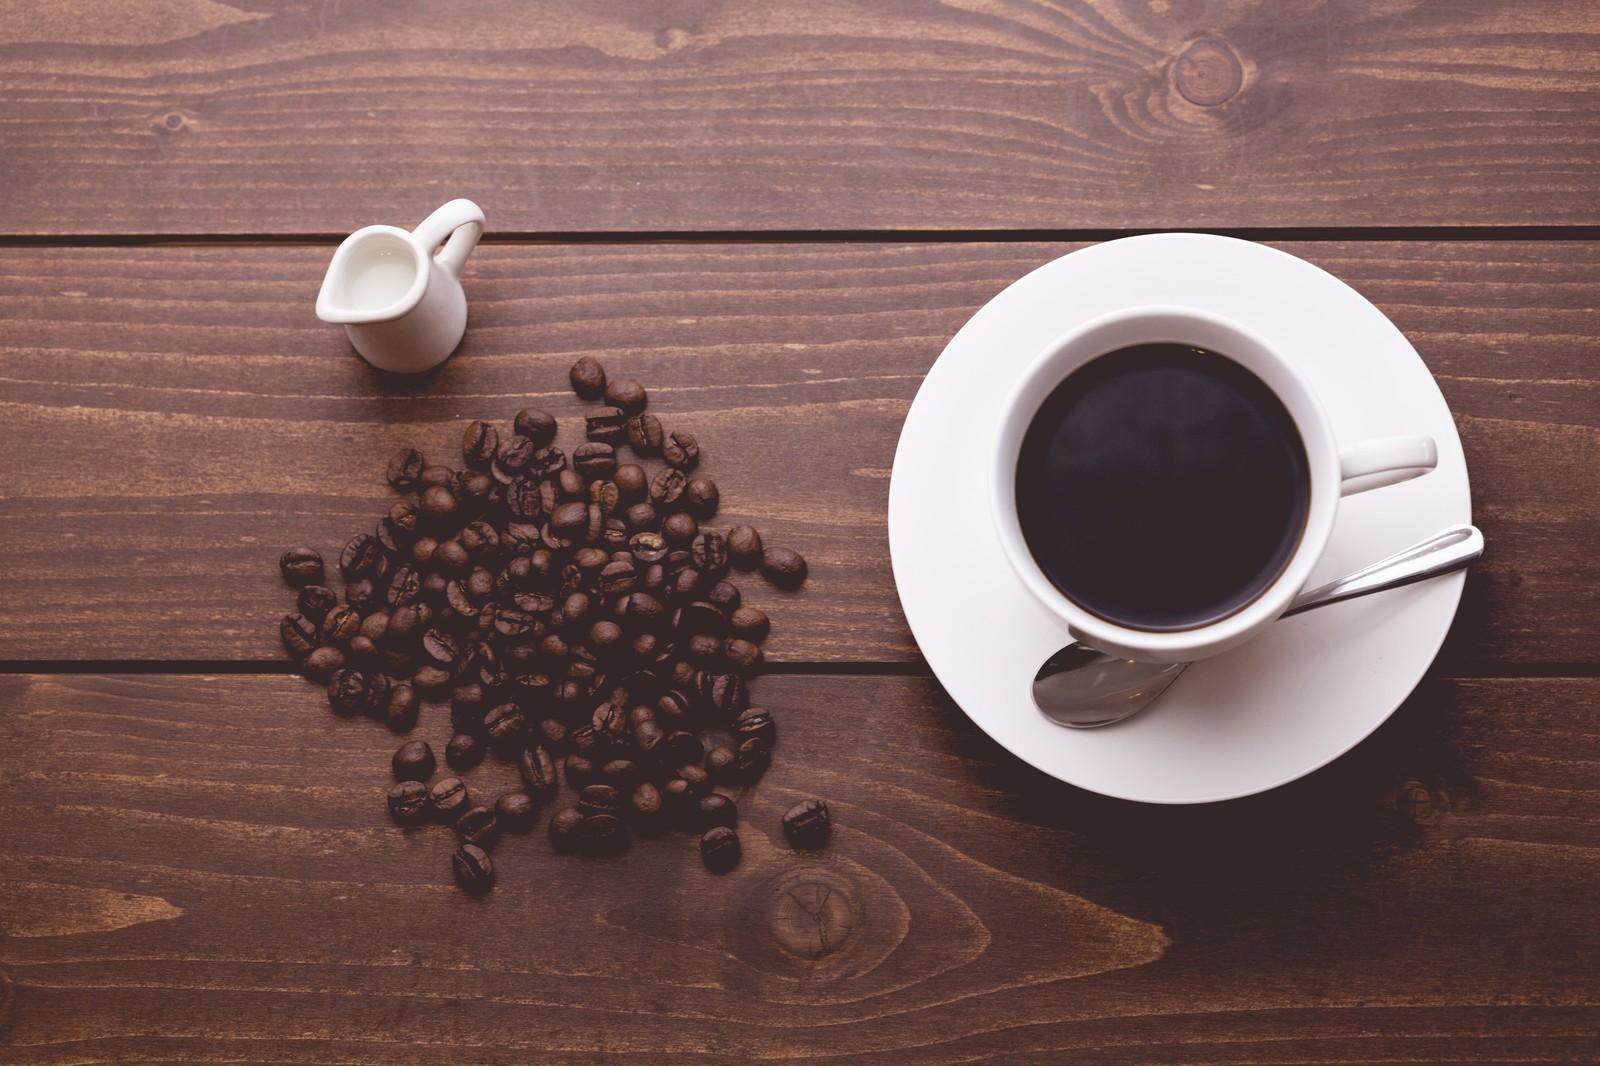 自宅でコーヒーを飲むならフレンチプレスが超絶オススメ!特にボダムは間違いないと思うんだ!